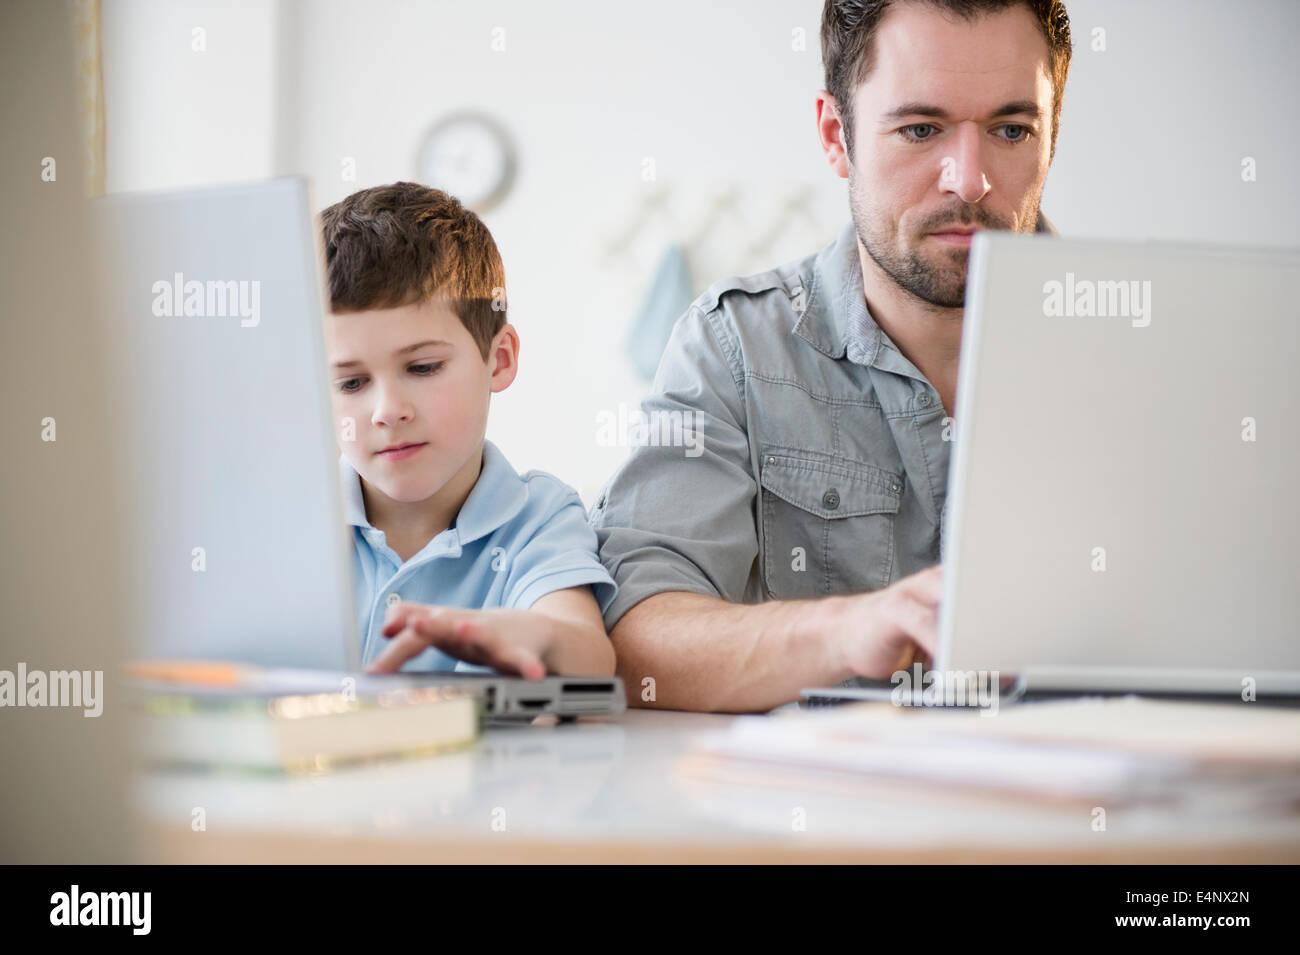 Vater und Sohn (8-9) arbeiten auf laptops Stockbild